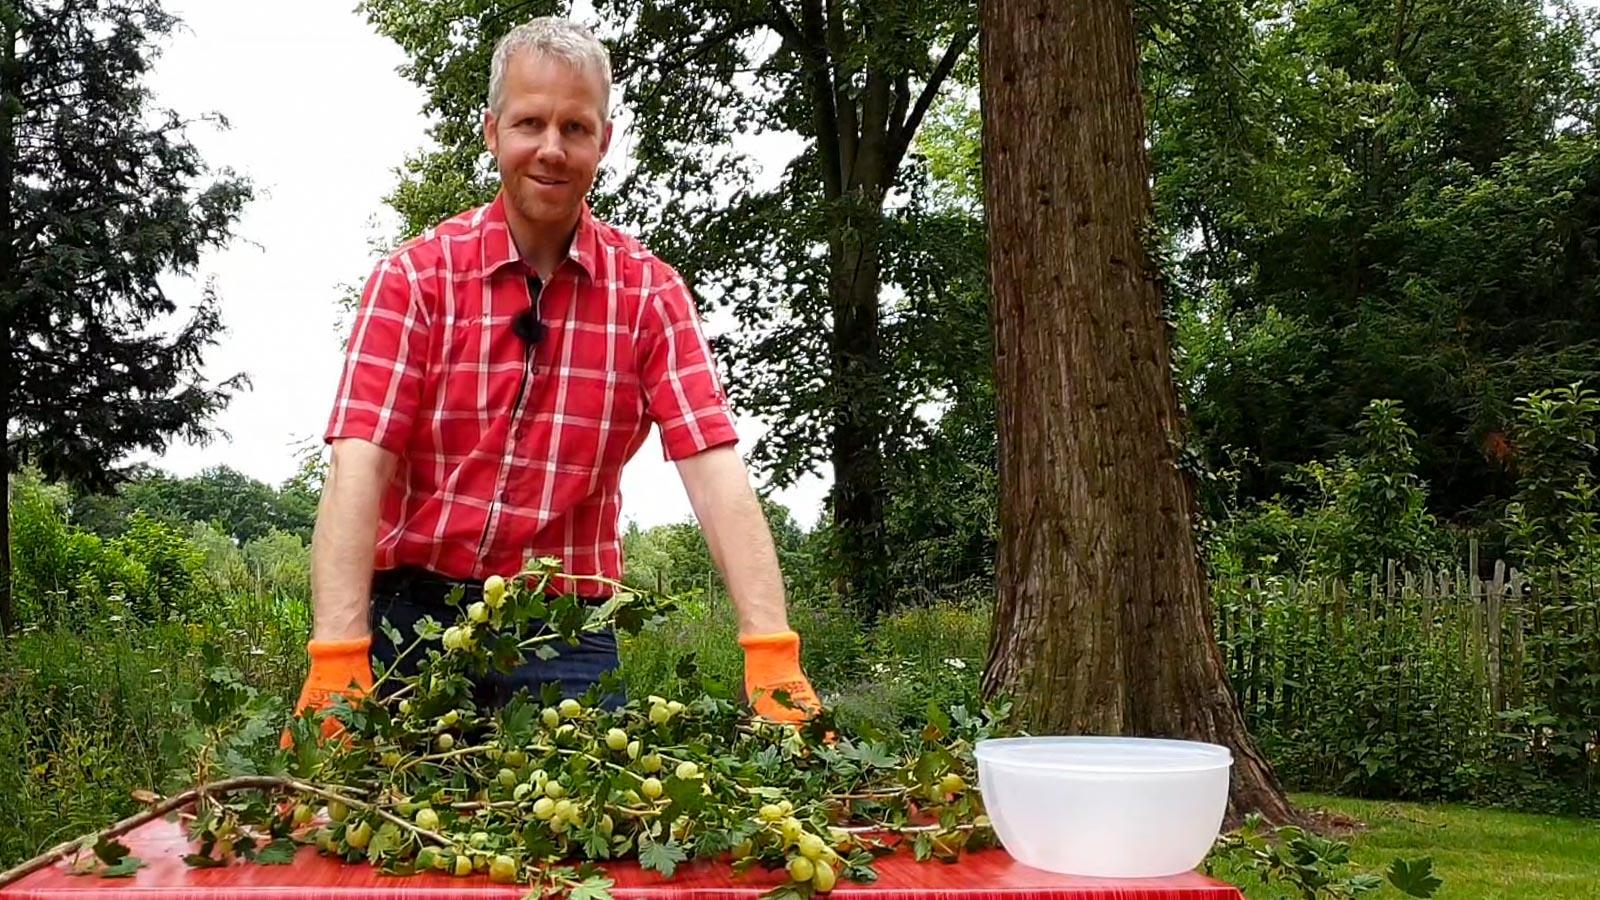 Stachelbeerzweige mit Früchten liegen auf einem Tisch hinter dem Gartenberater Philippe Dahlmann steht